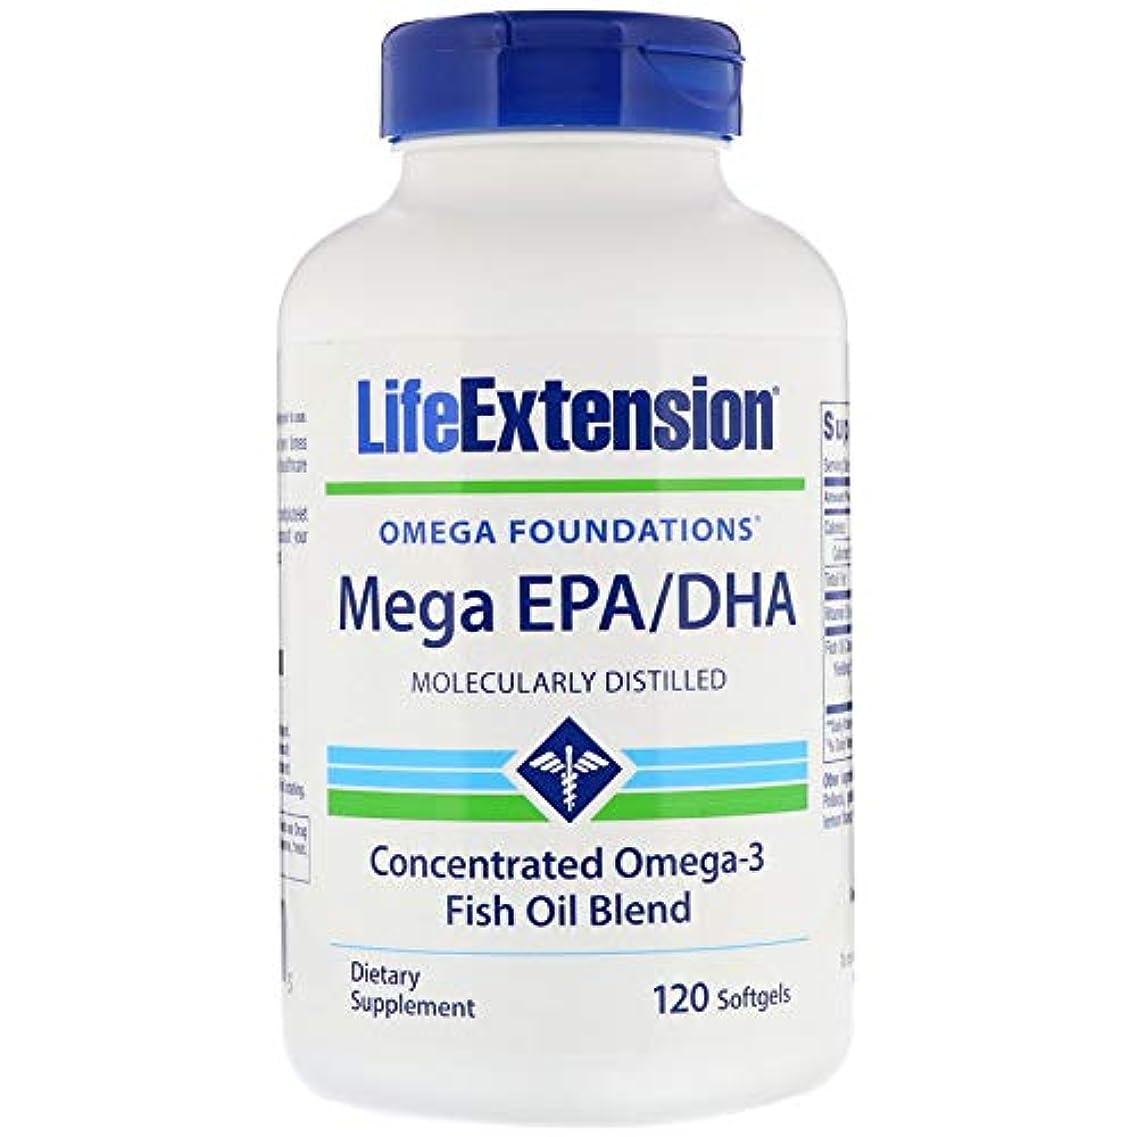 事業幾何学小切手メガ EPA/DHA600 mg含有/粒 120粒ソフトジェルカプセル 海外直送品